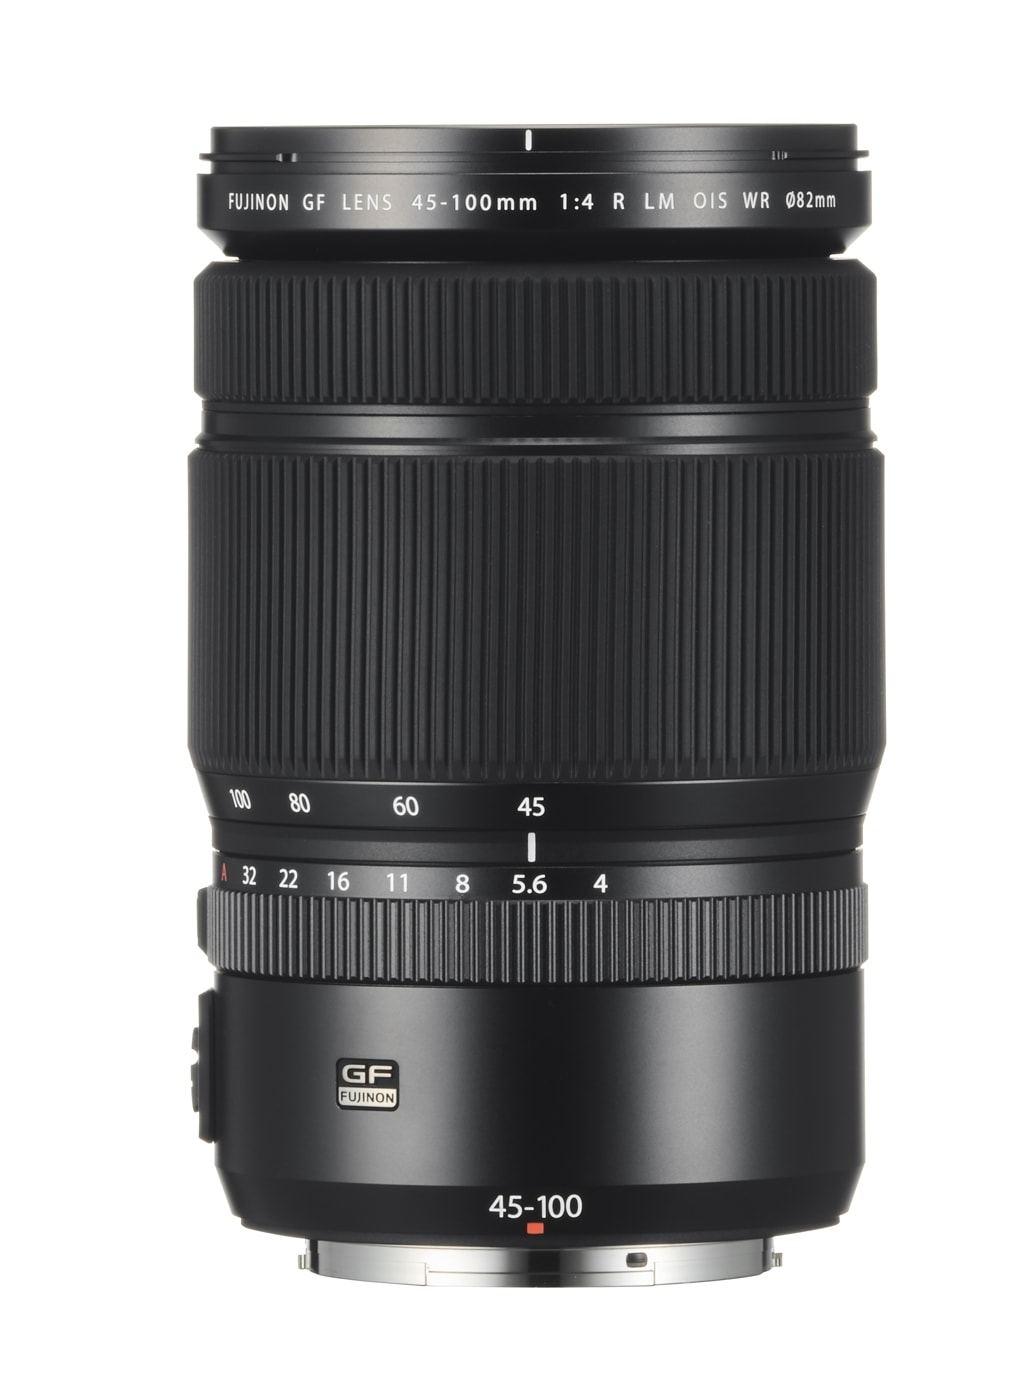 Fujifilm GF 45-100mm 1:4 R LM OIS WR